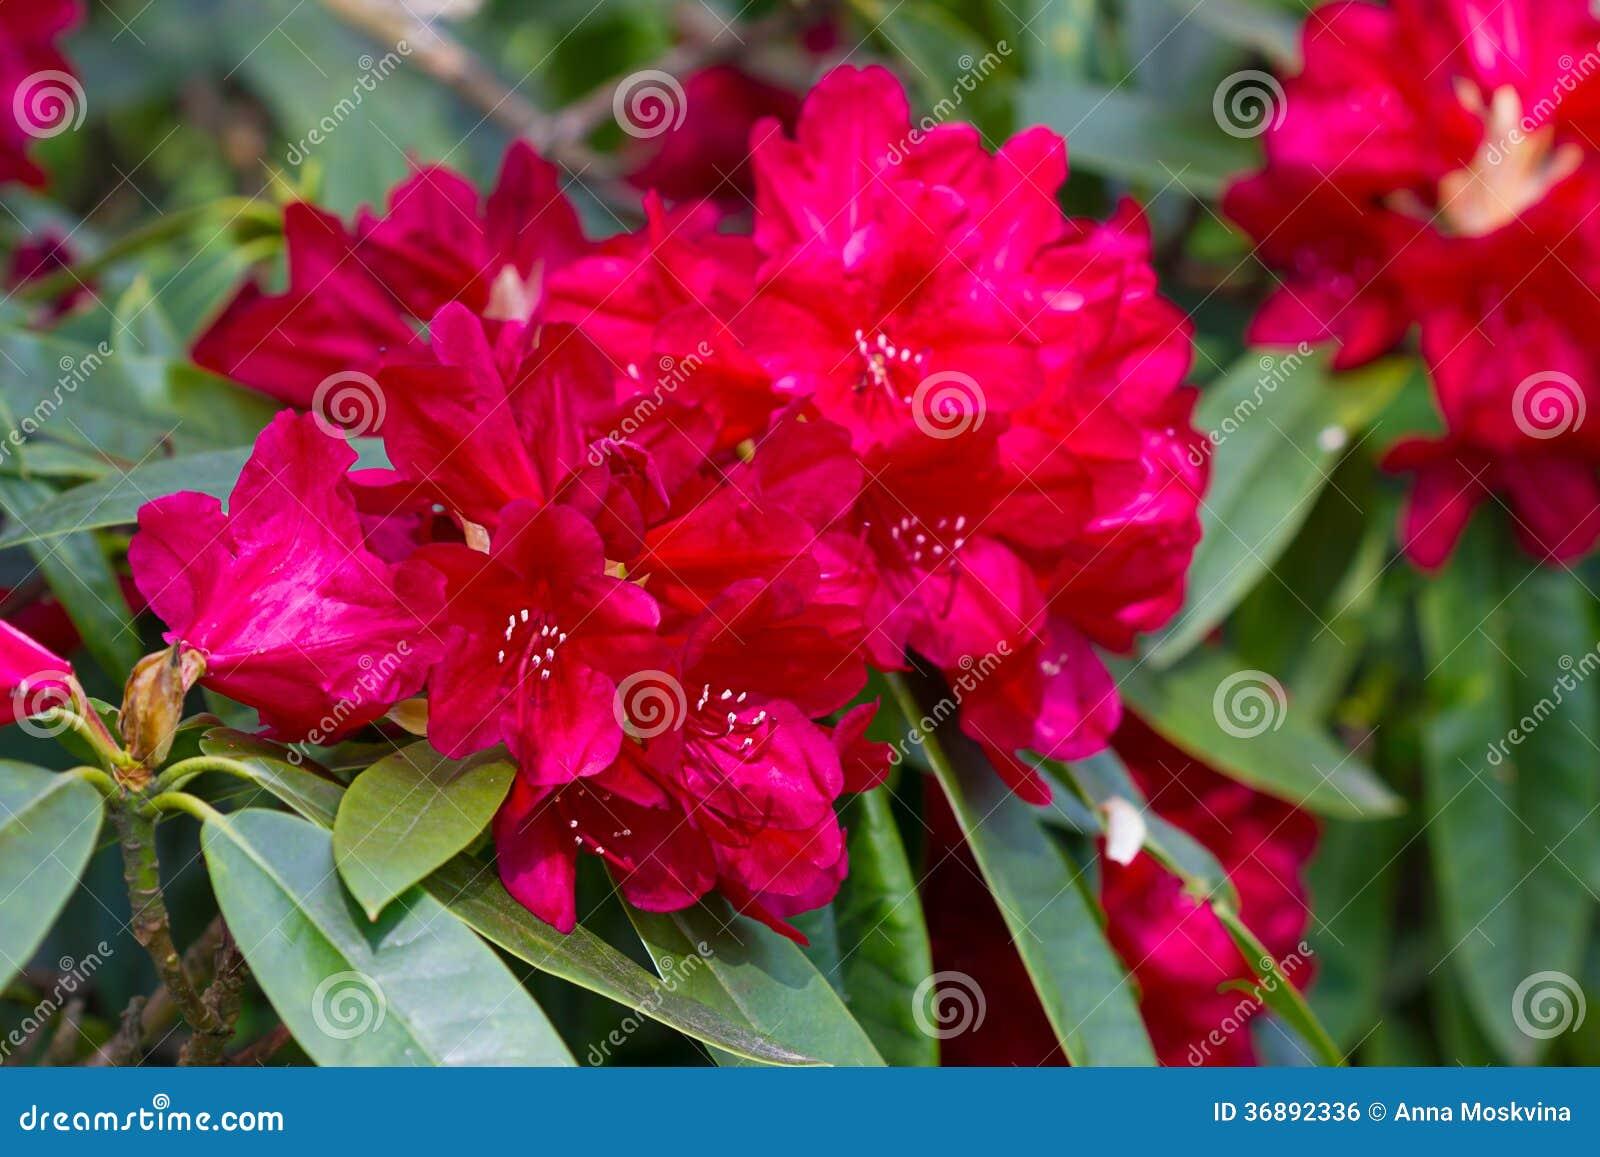 Download Albero del fiore fotografia stock. Immagine di bello - 36892336